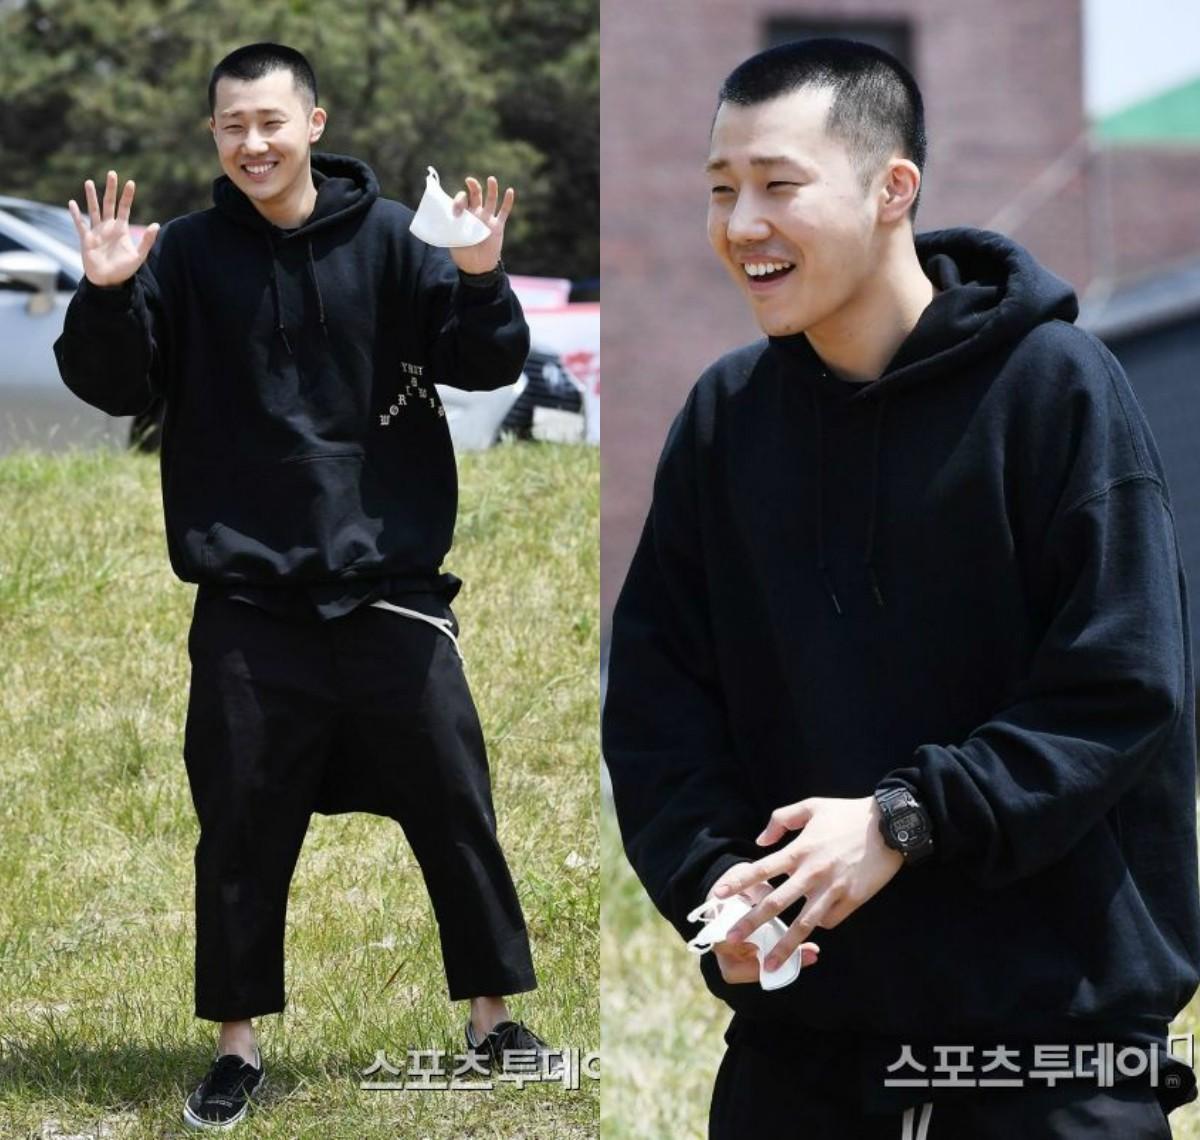 sunggyu-1-15279429703172004513544.jpg